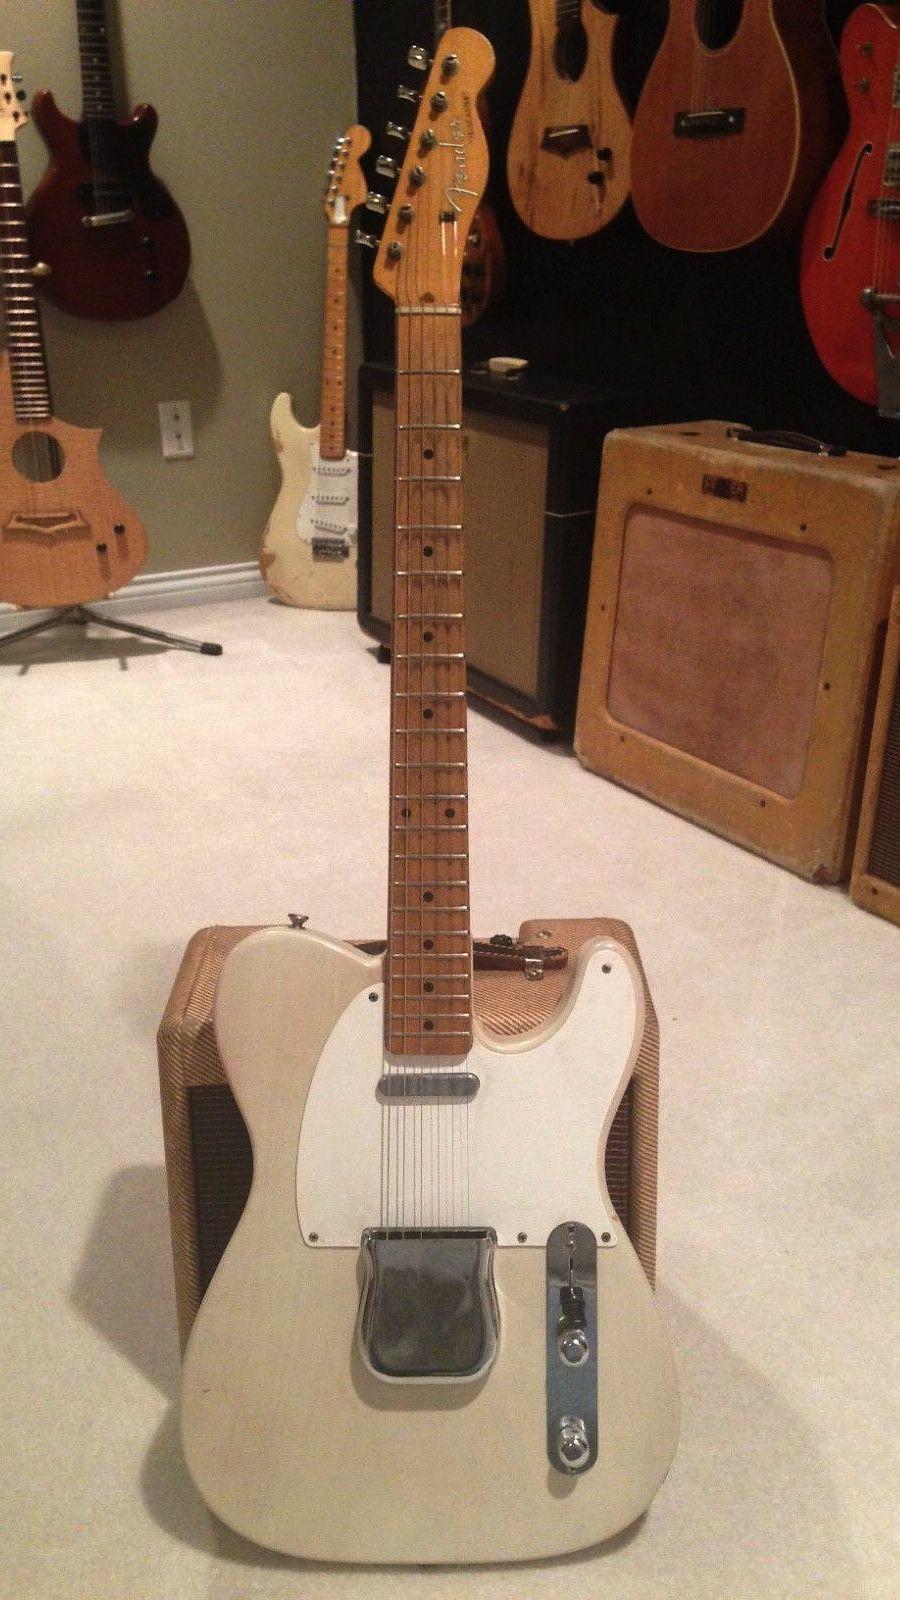 1957 Fender Telecaster #vintageguitars